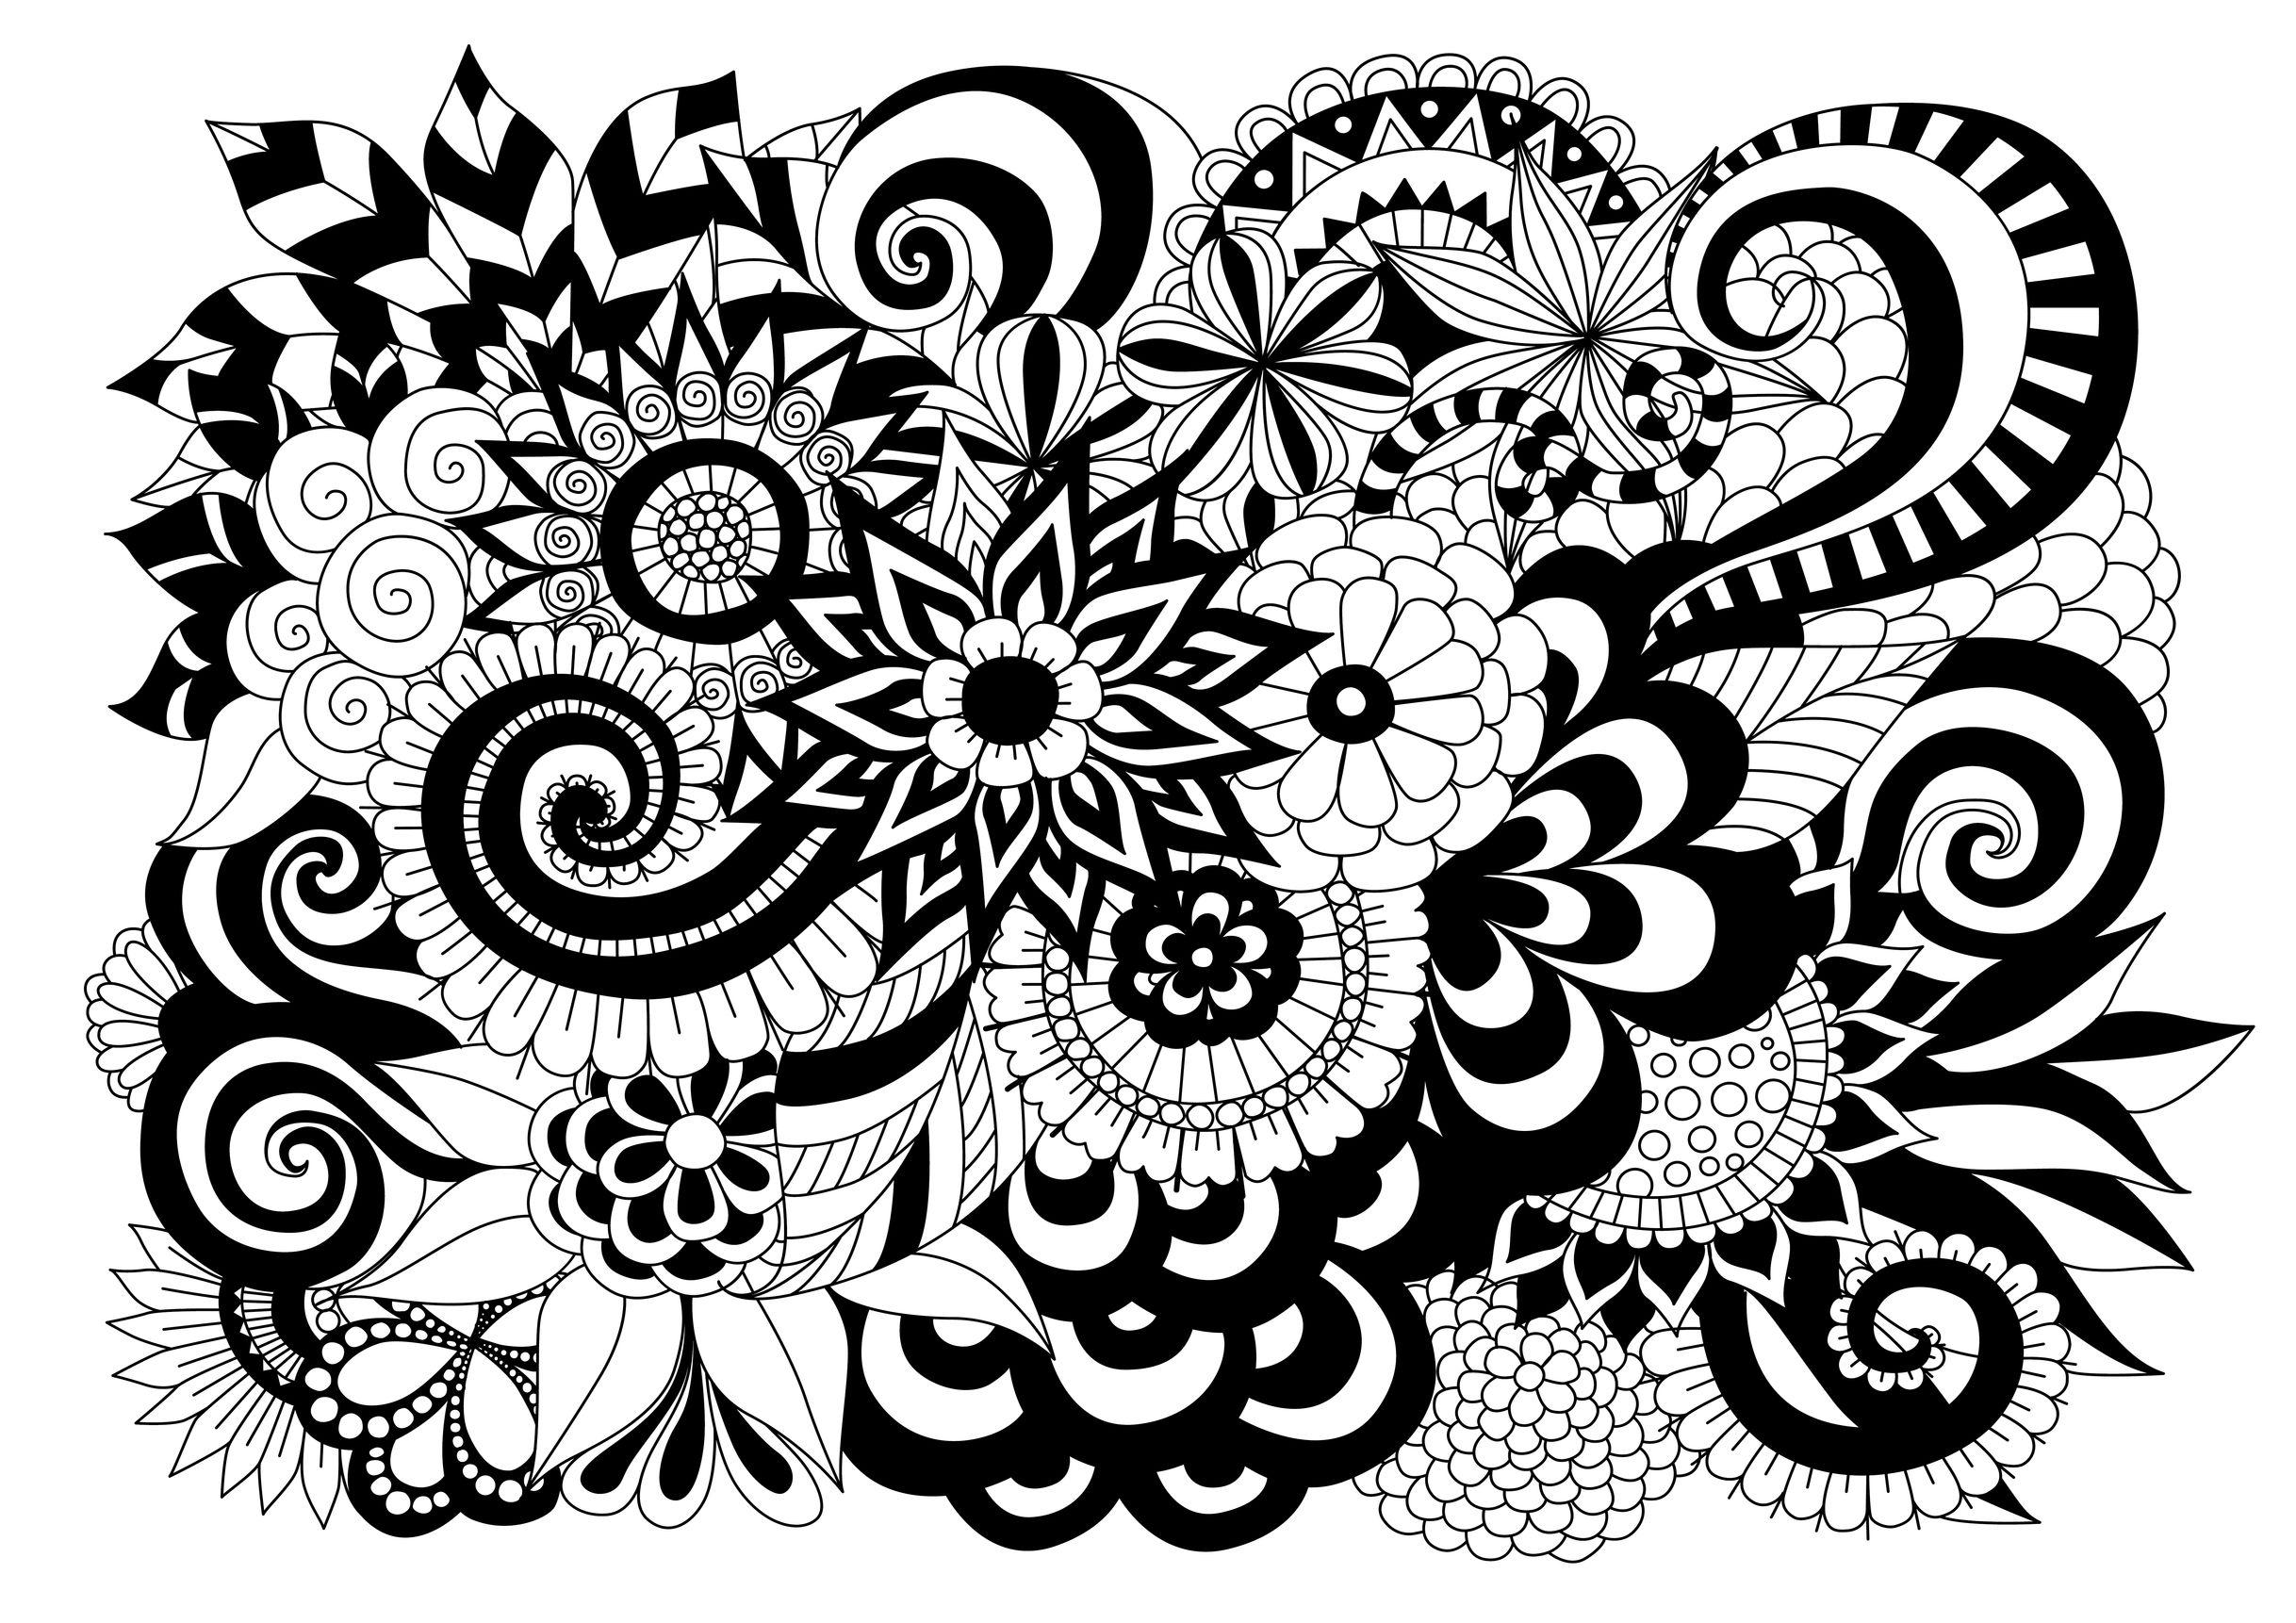 Lisag 07092016  Sus creaciones  Colorear para adultos  JustColor